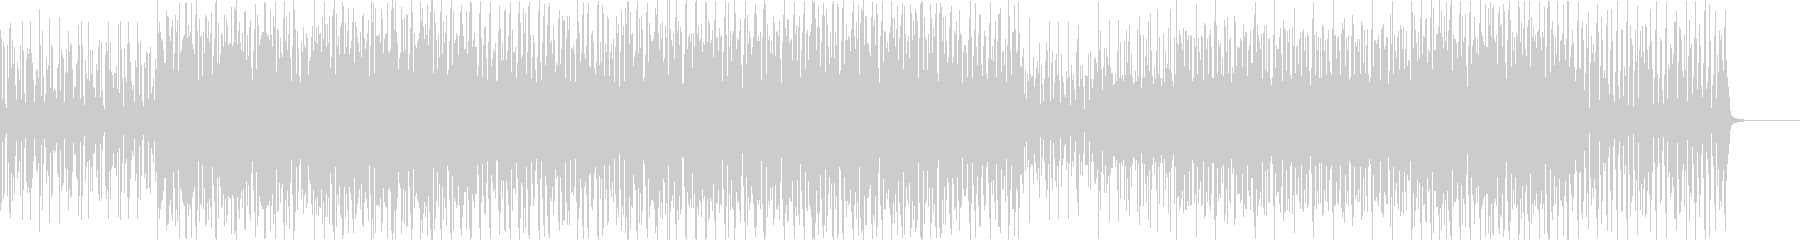 淡々としたサンバBGMの未再生の波形